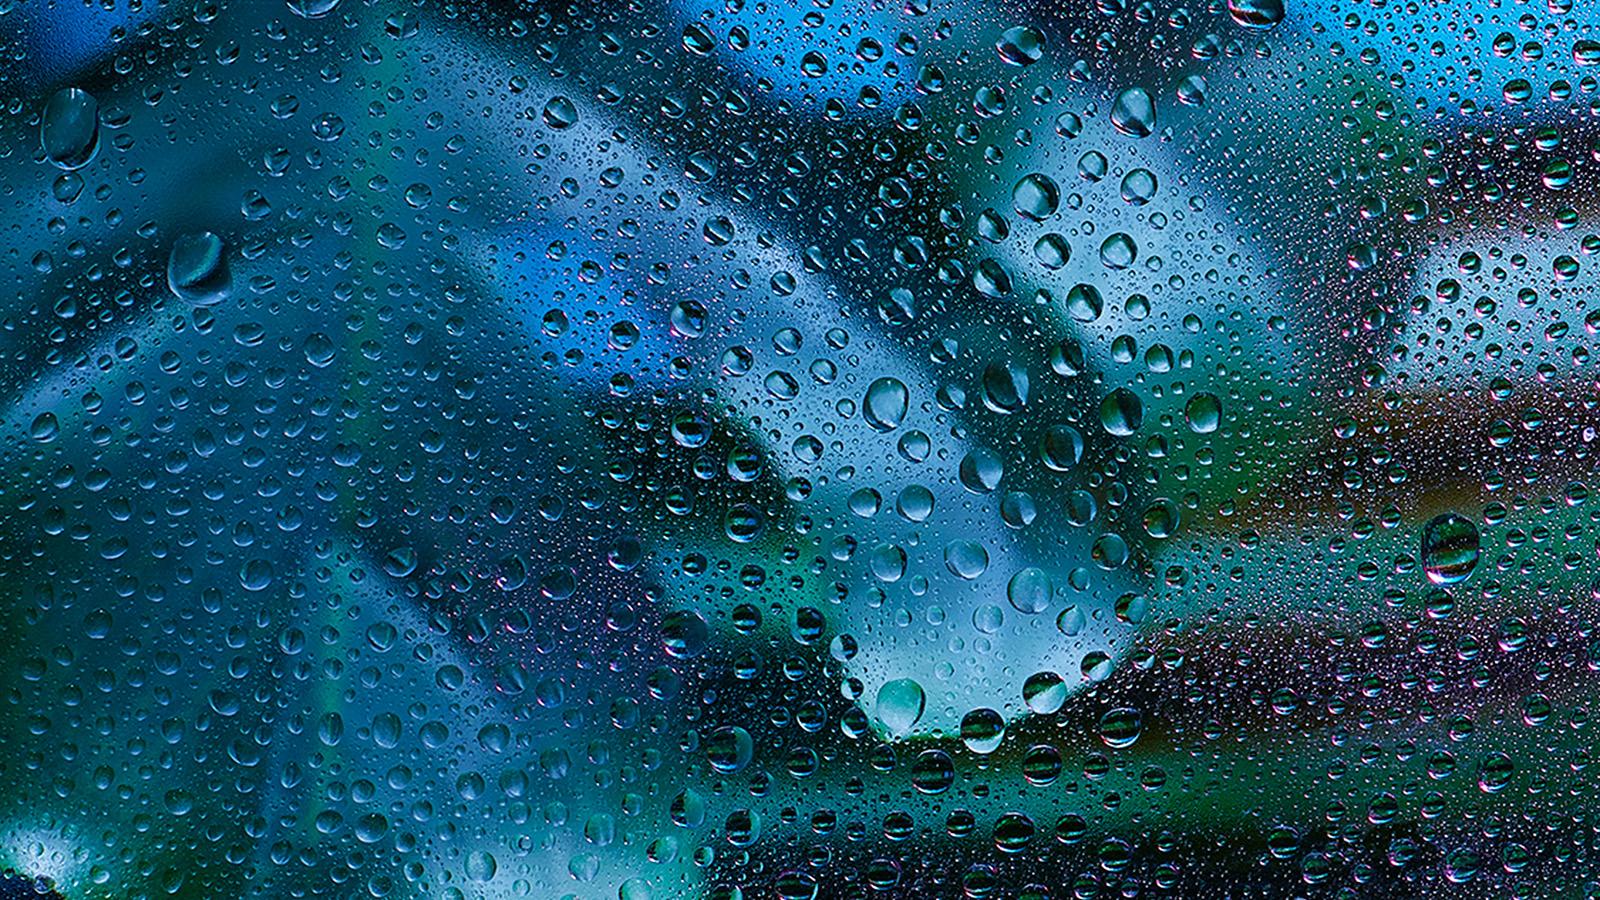 Iphone 11 Wallpaper Cute Disney